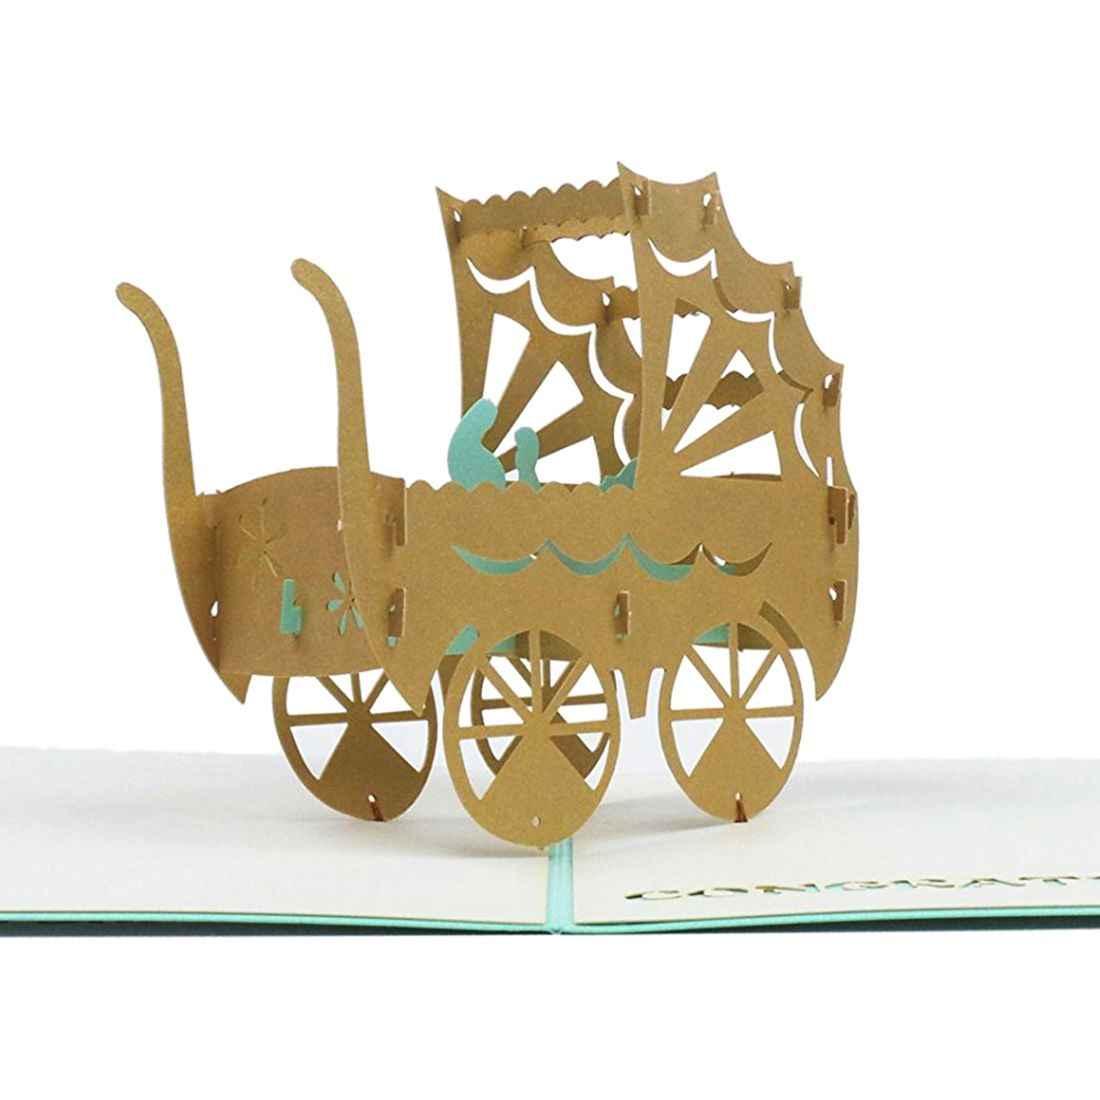 Perfect-3D الطفل في عربة بطاقة المنبثقة بطاقة عيد ميلاد الطفل هدية Kirigami اليدوية ورقة الفن فارغة 3D بطاقات المعايدة (الطفل فتاة)